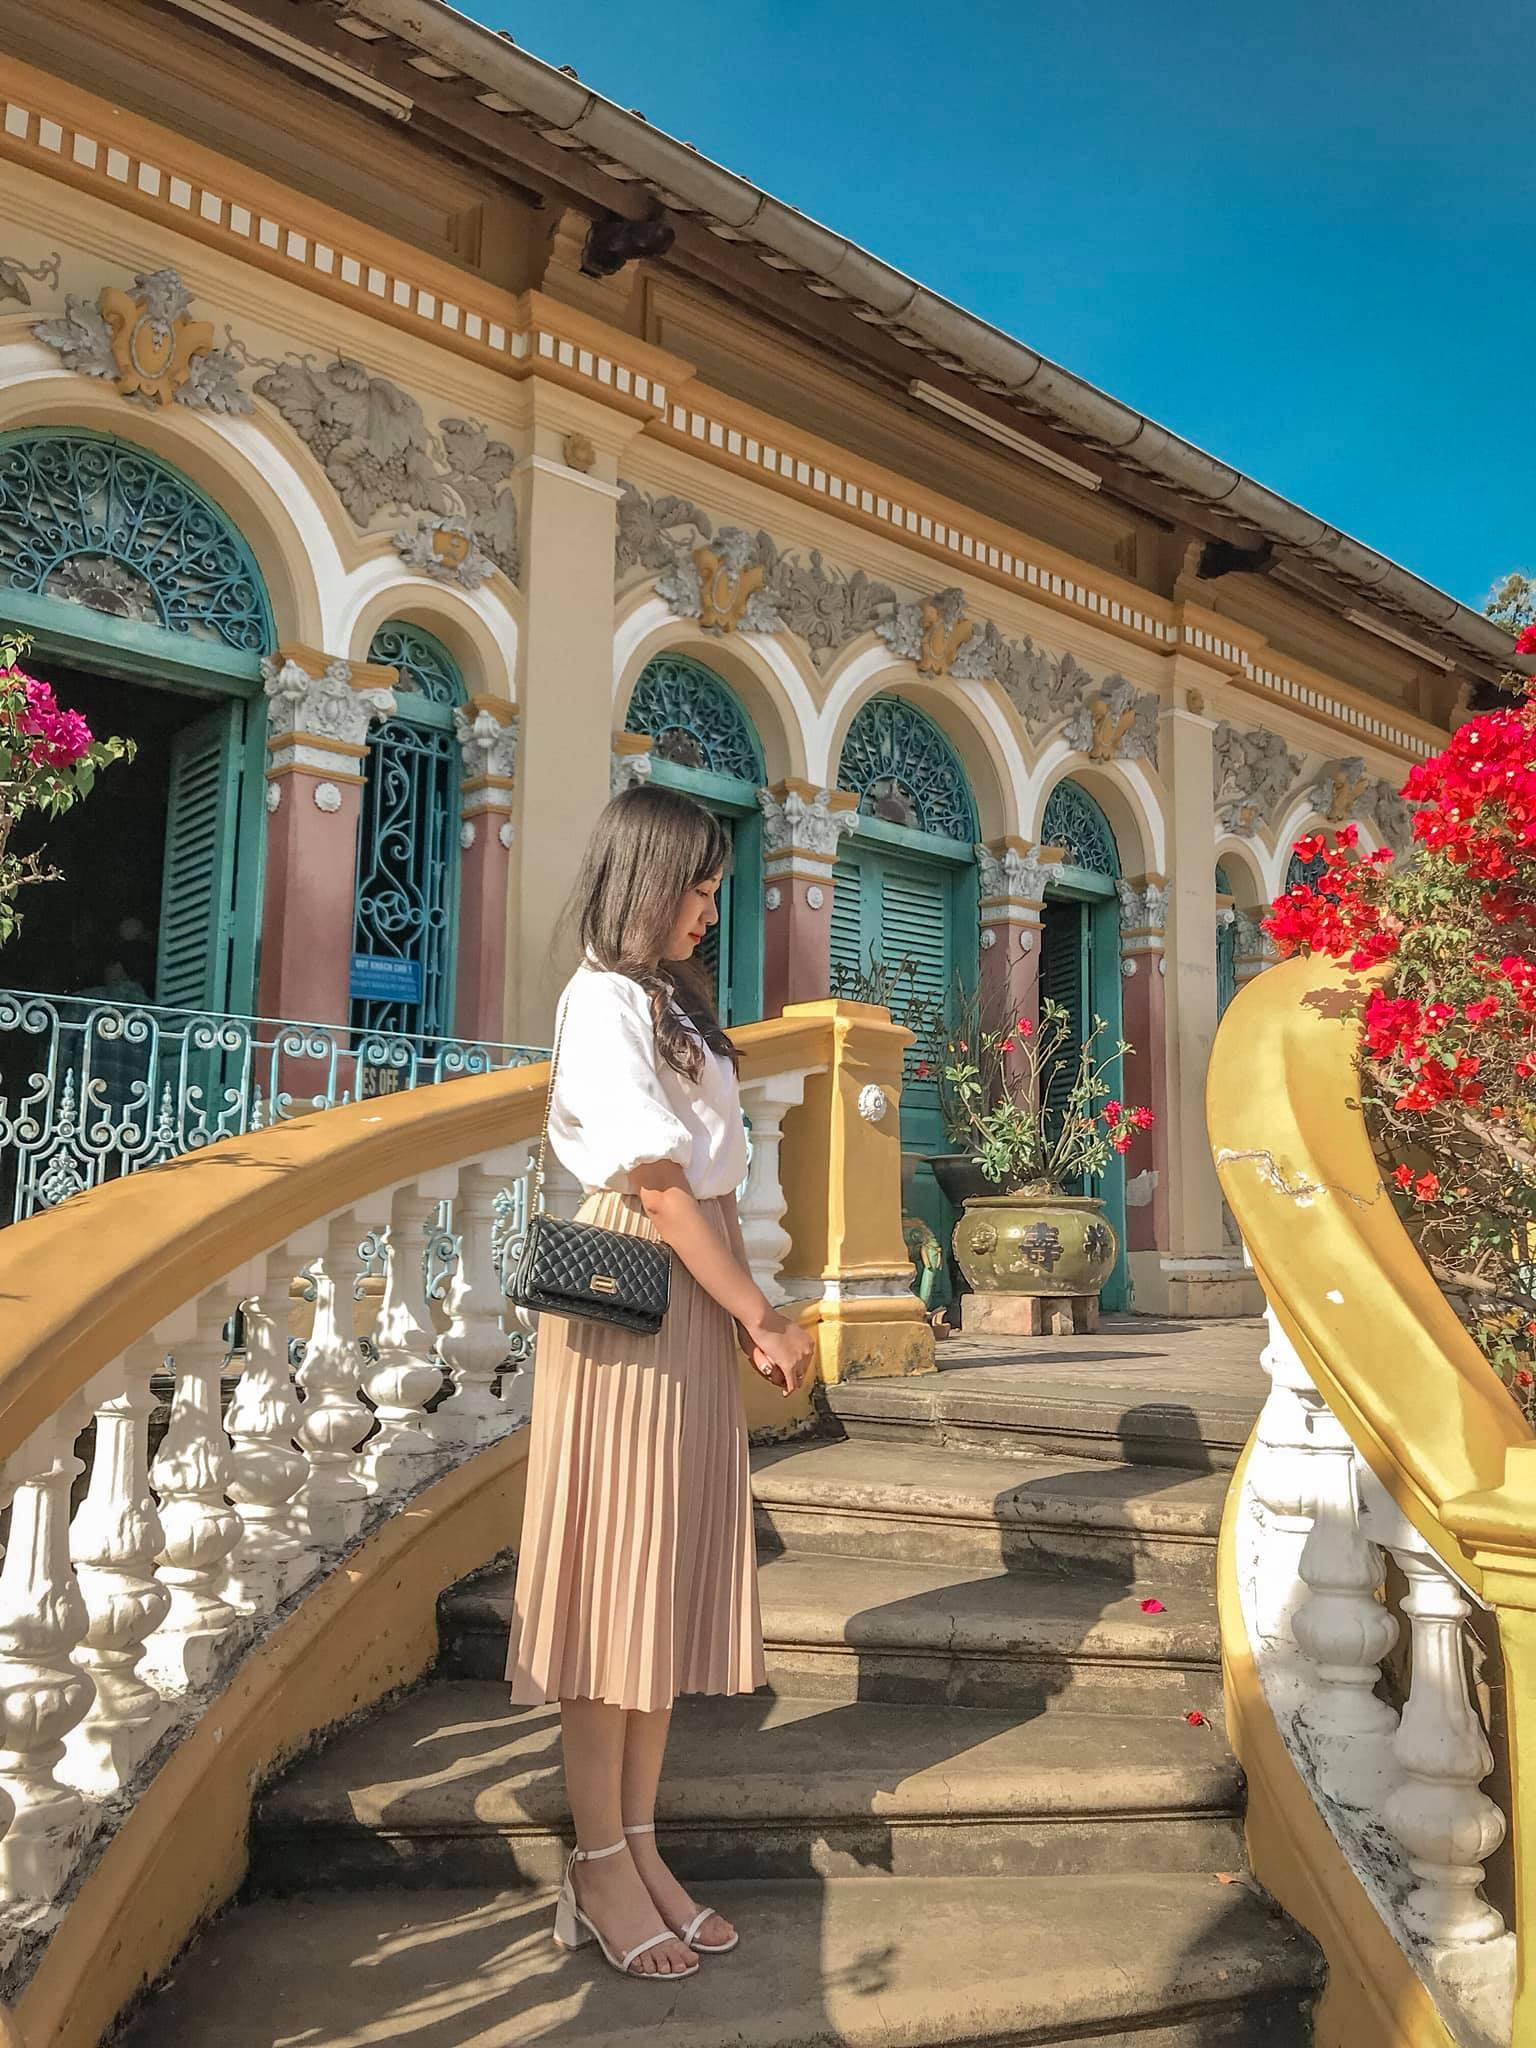 Vẻ đẹp nhà cổ Bình Thủy, địa điểm tham quan trăm tuổi tại Cần Thơ  - Ảnh 2.